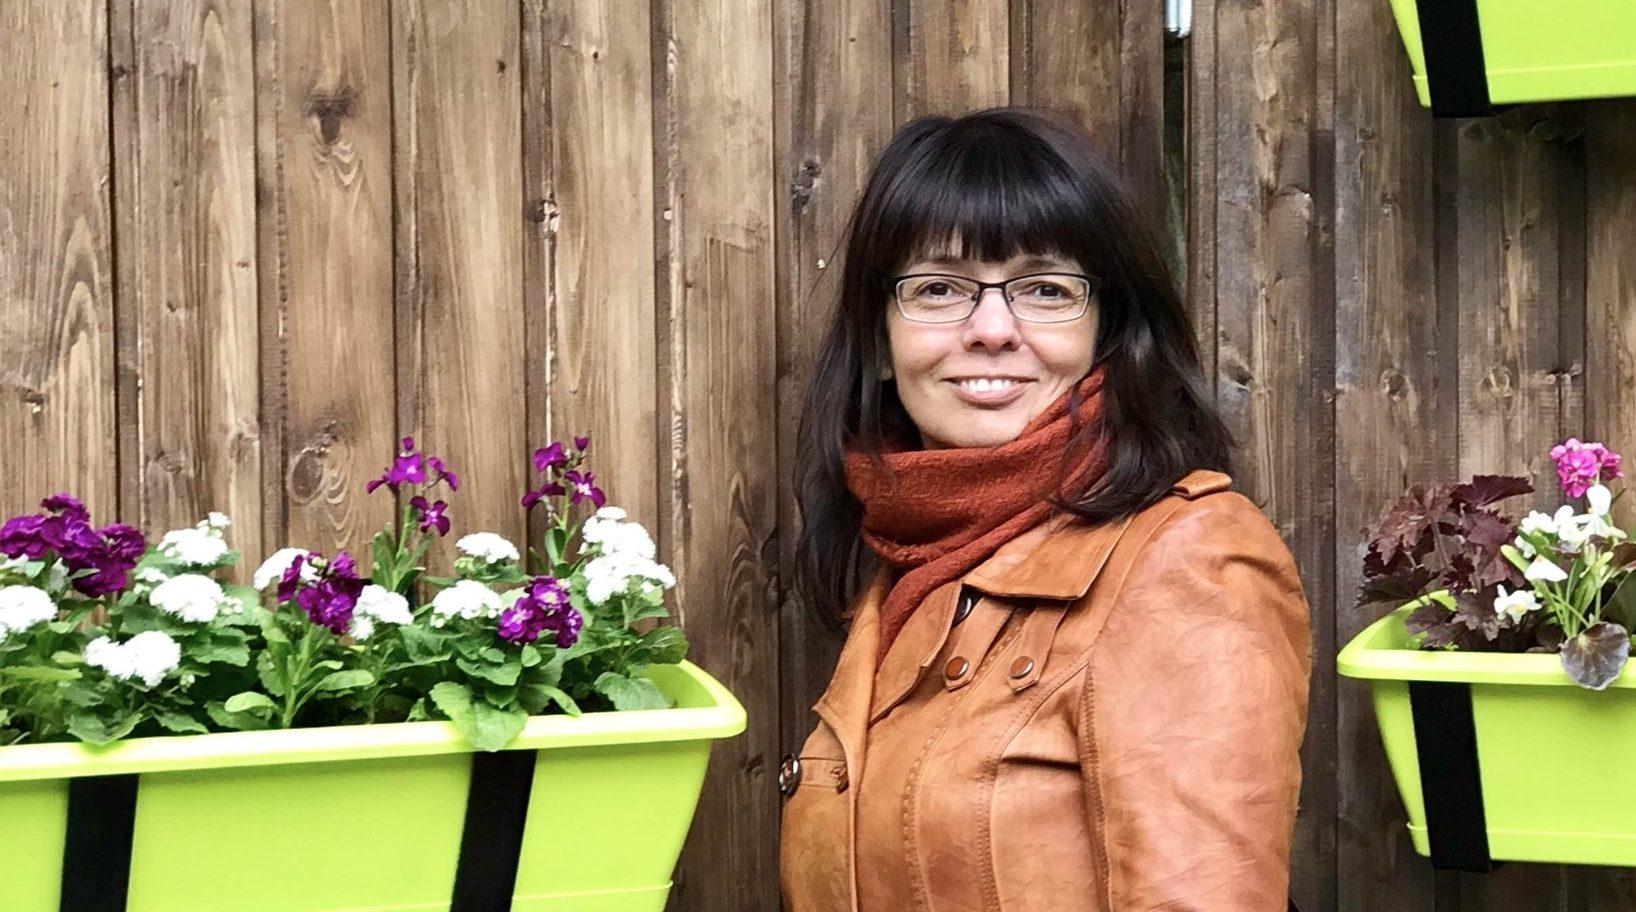 Галина Андреенко: Тверская область стала одним из первых регионов, который поднял вопрос о полной консолидации электросетевых активов